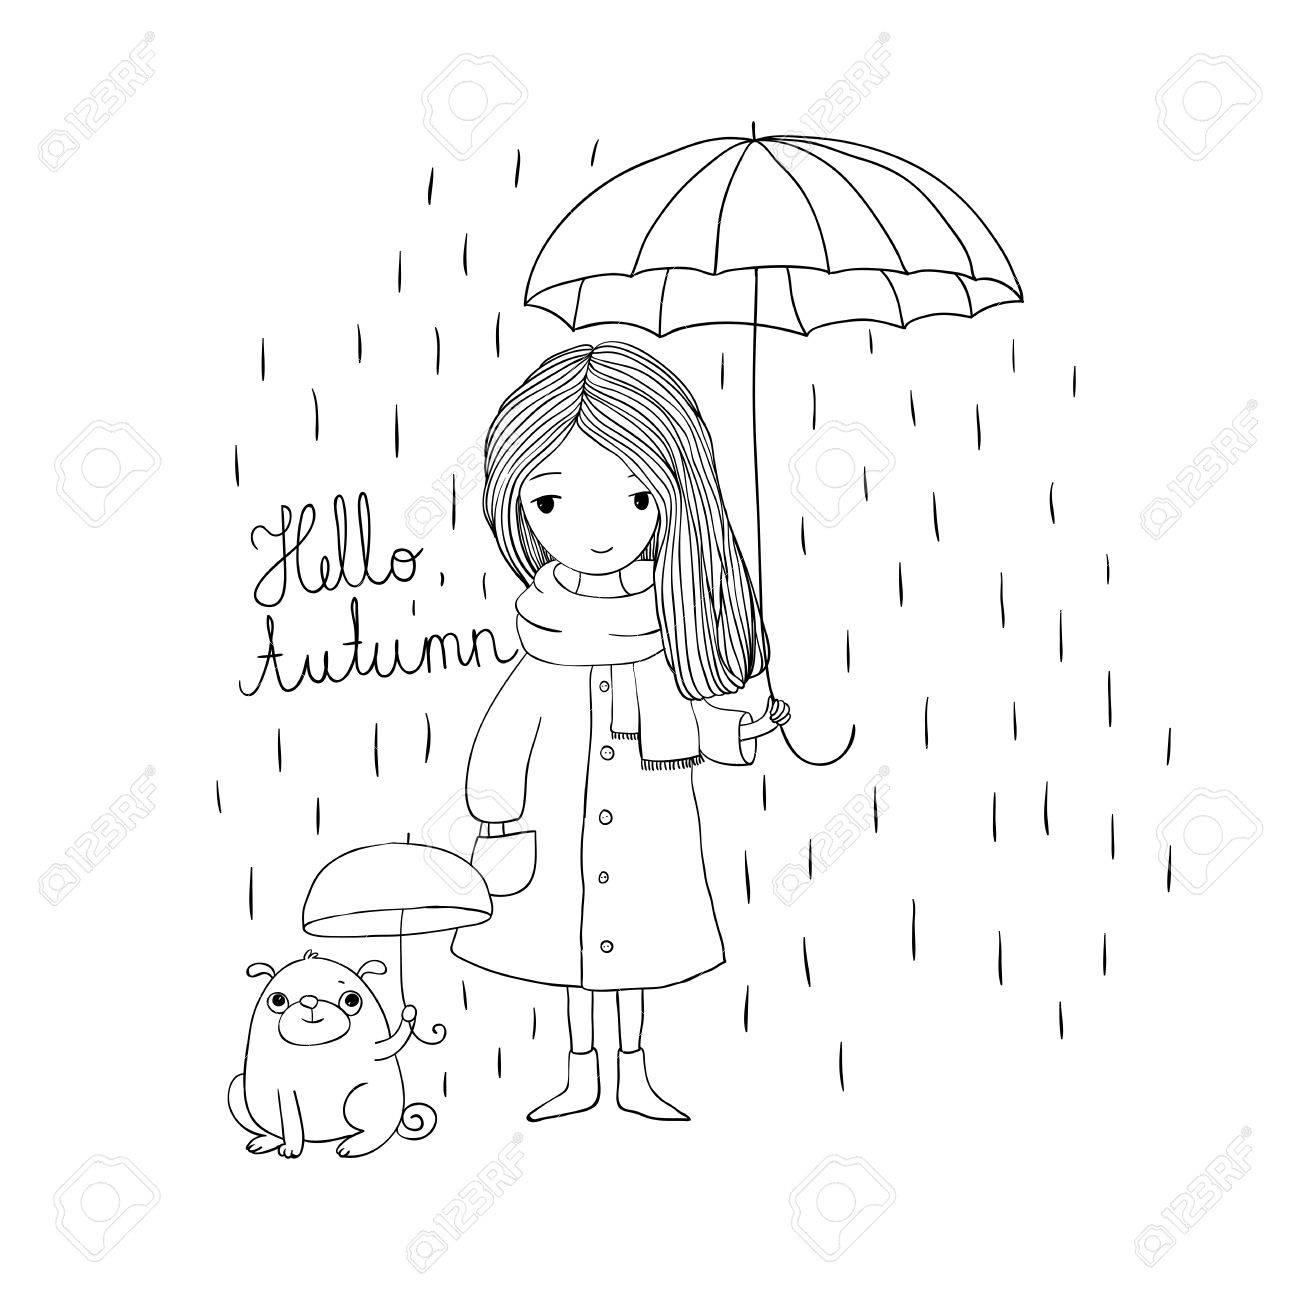 Coloriage Petite Fille Parapluie.Belle Petite Fille Et Un Roquet Mignon De Bande Dessinee Sous Un Parapluie Theme De L Automne Dessin A La Main Des Objets Sur Fond Blanc Isole